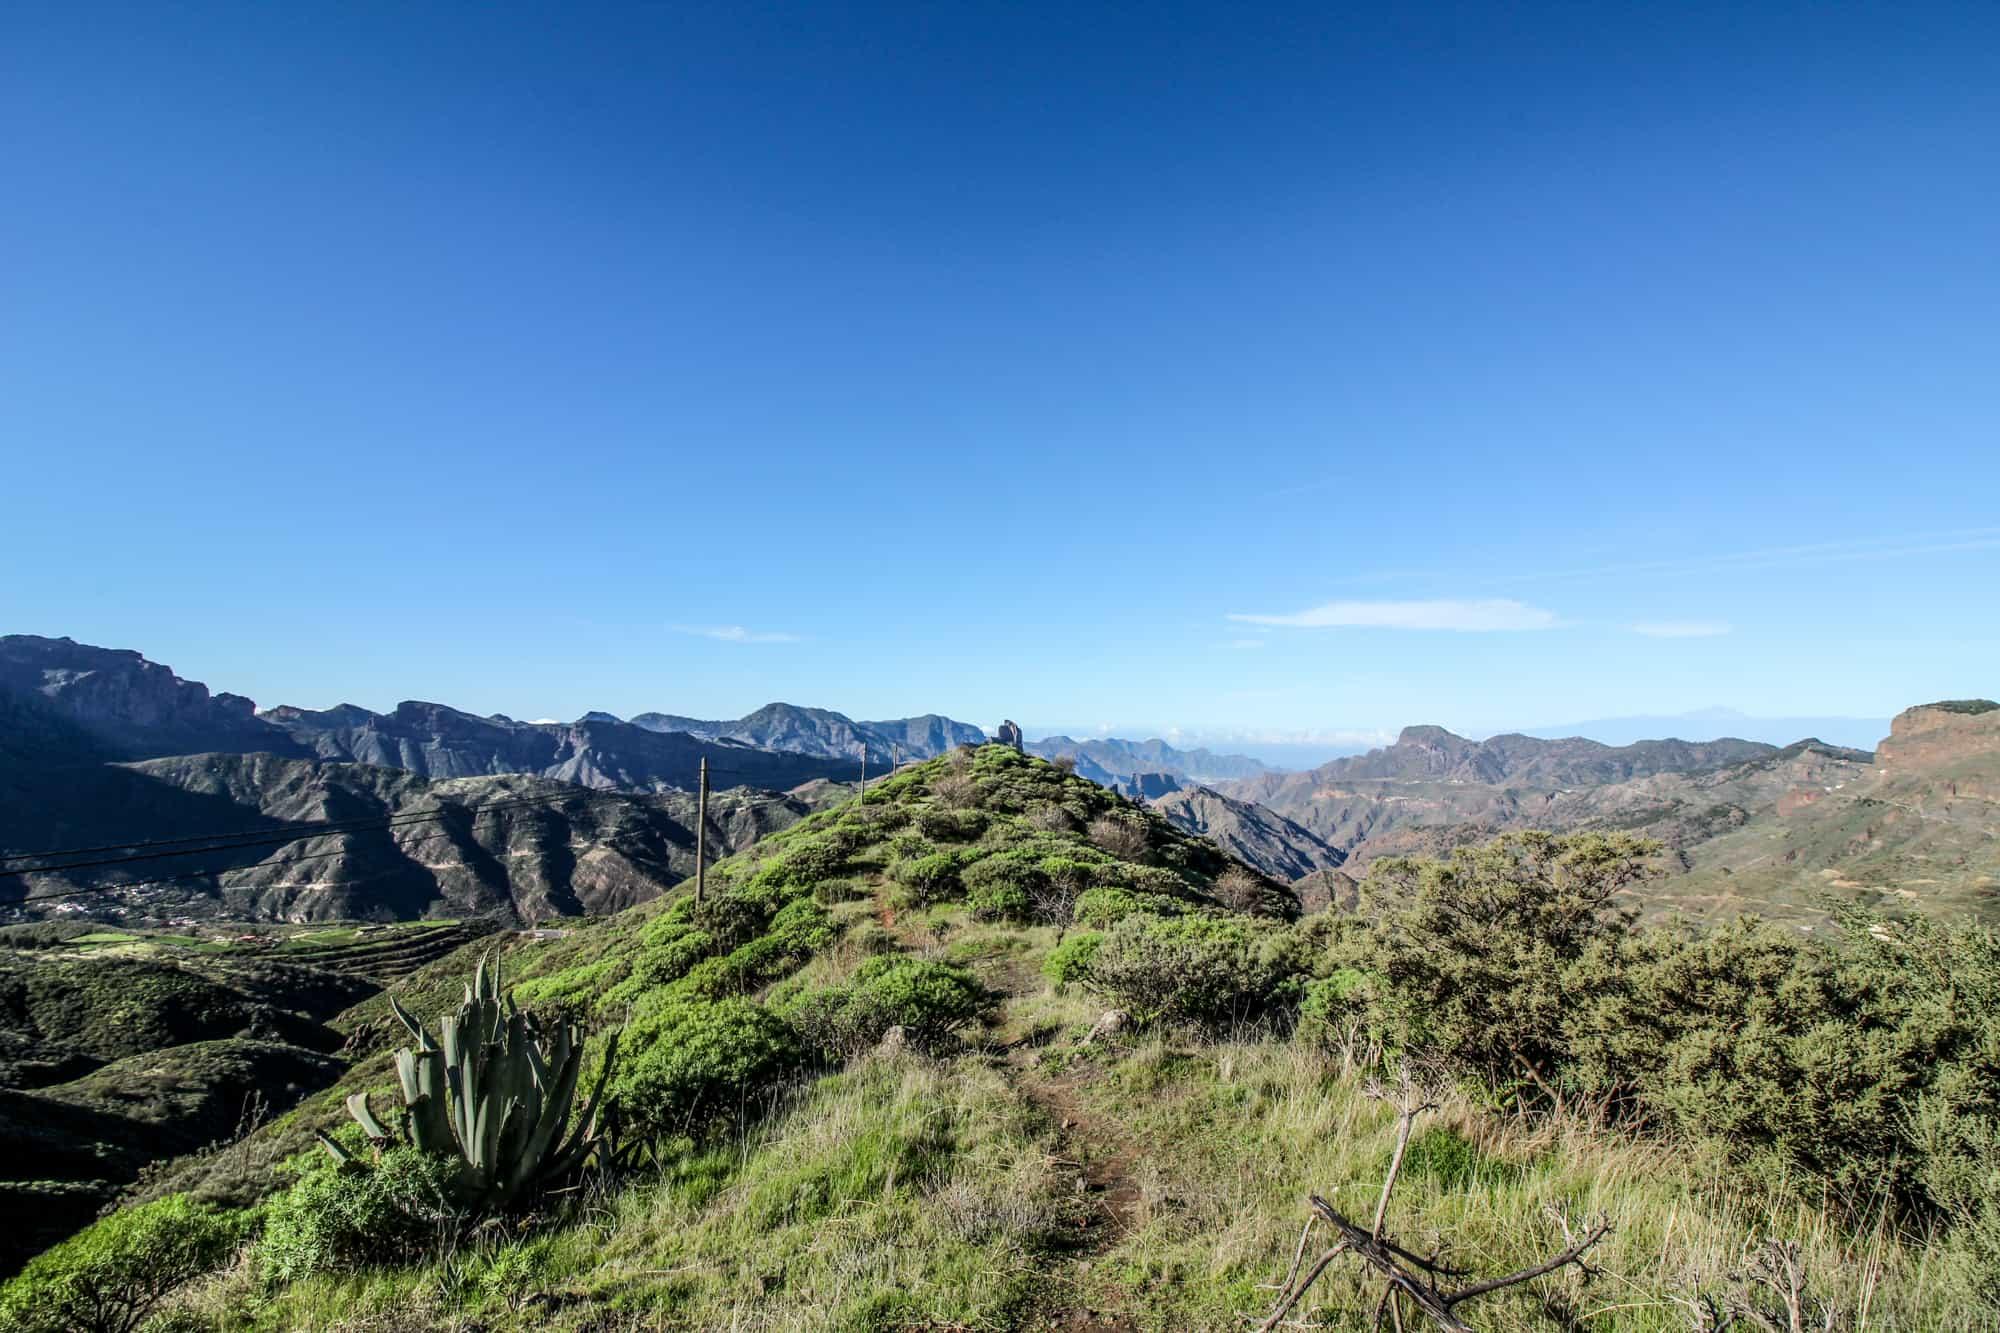 Aussichtspunkt in der Nähe von Artenara